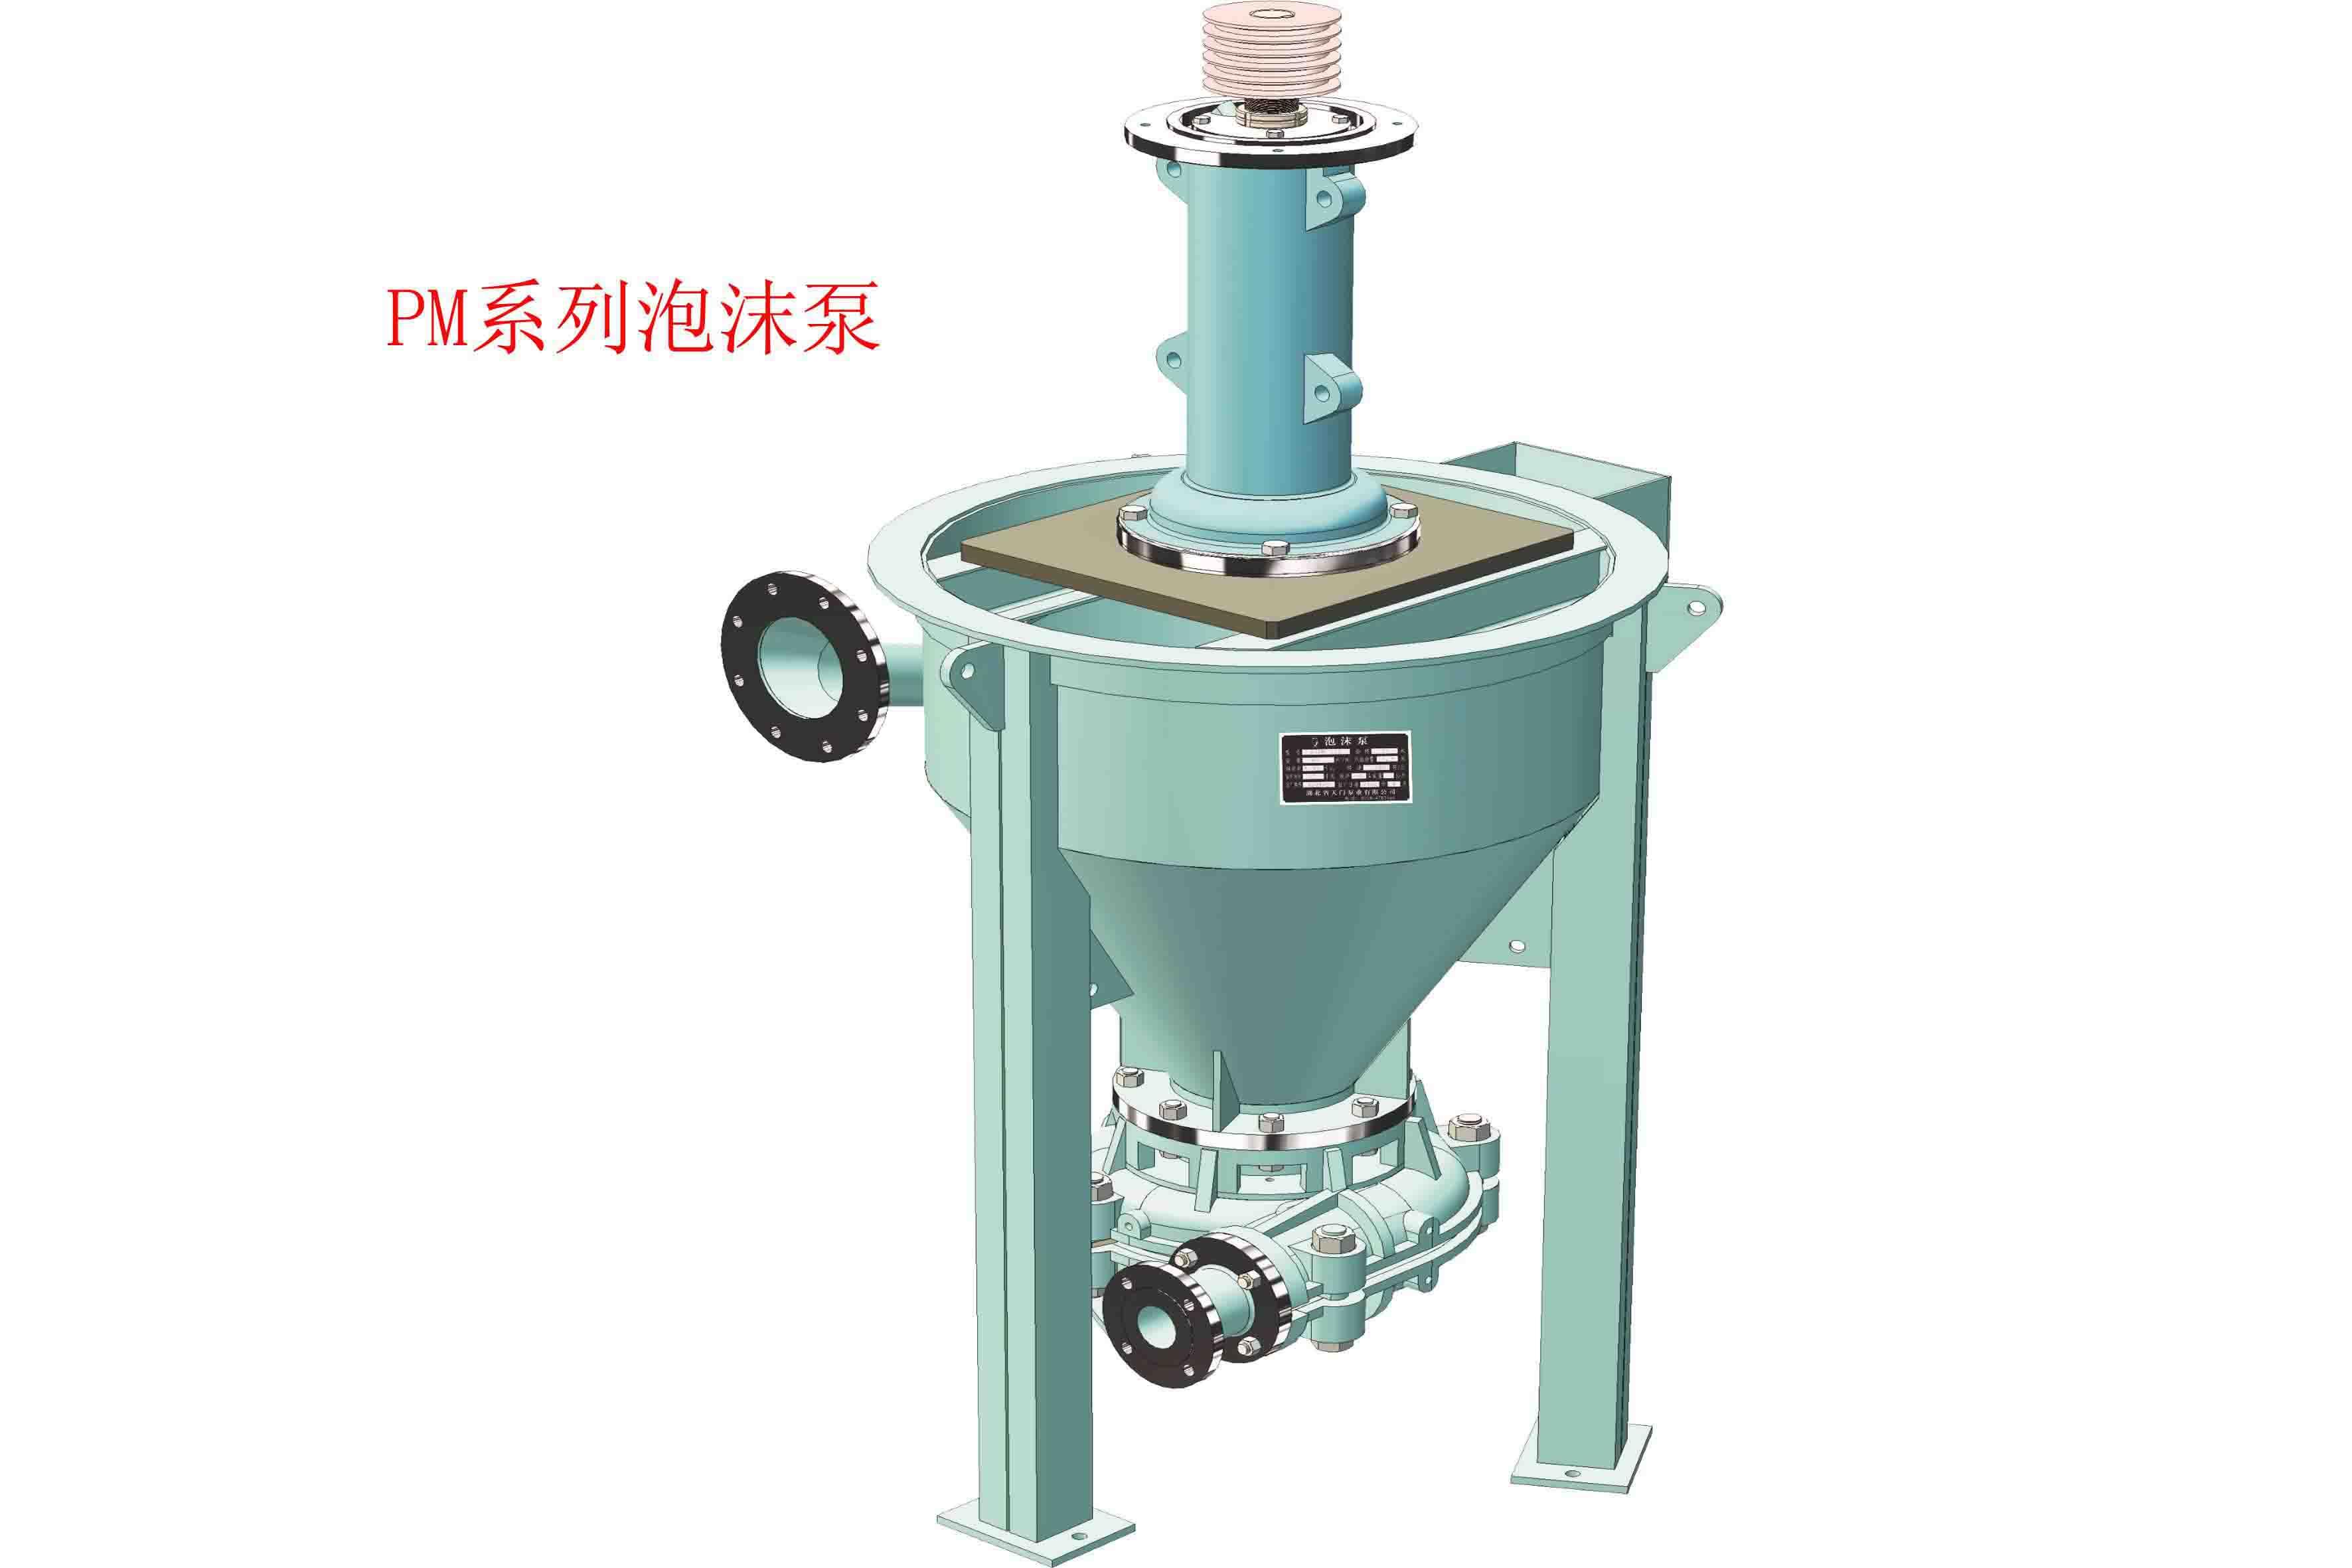 渣浆泵产品的尺寸技术要求